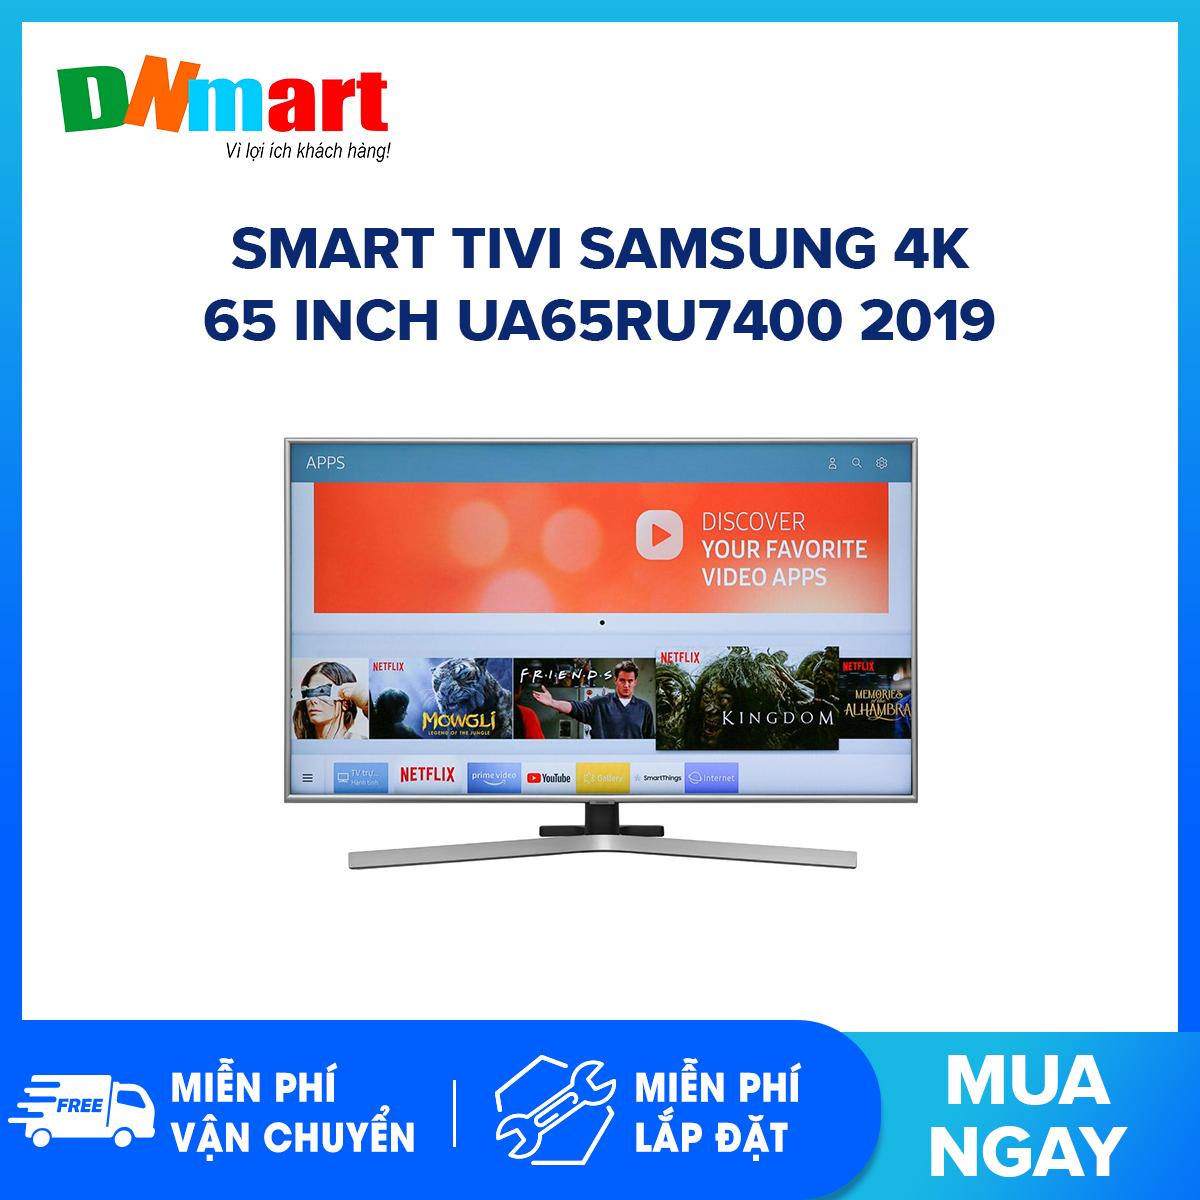 Bảng giá Smart Tivi Samsung 4K 65 inch UA65RU7400 tìm kiếm giọng nói tiếng việt, Bluetooth:Có (Loa, chuột, bàn phím) Kết nối Internet:Cổng LAN, Wifi Cổng AV:Có cổng Composite và cổng Component Cổng HDMI:3 cổng